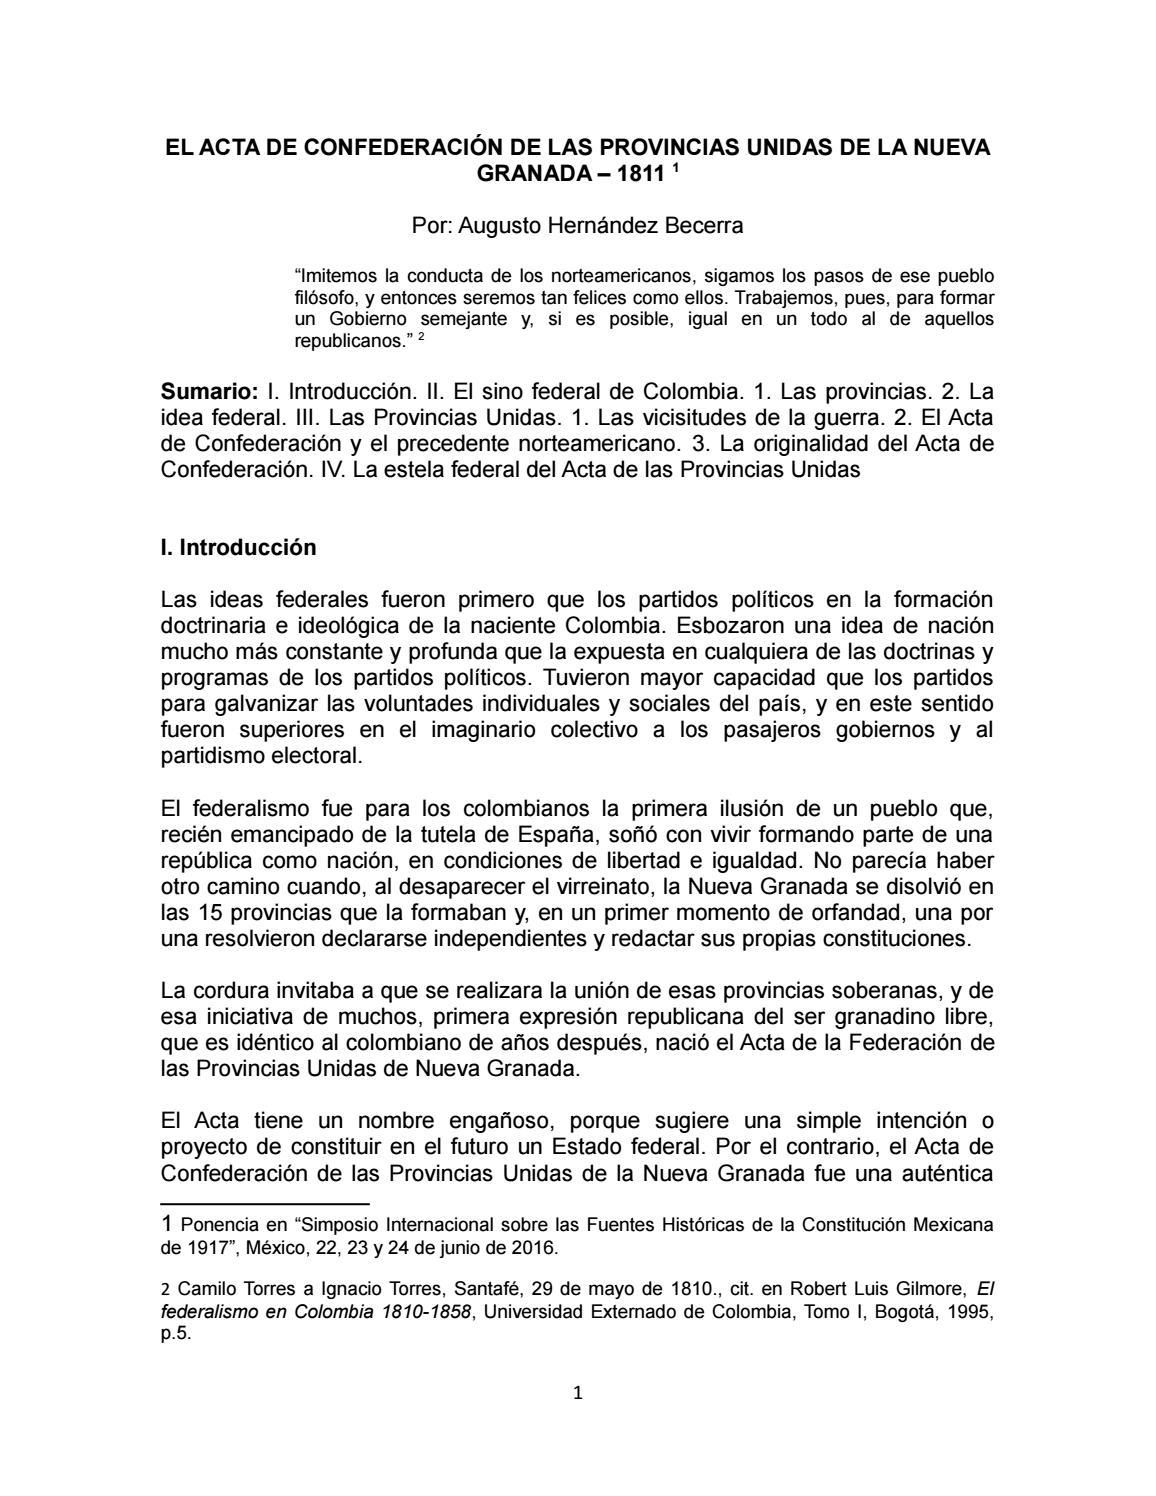 acta de confederacin de las provincias unidas de la nueva granada by estudio legal hernandez issuu